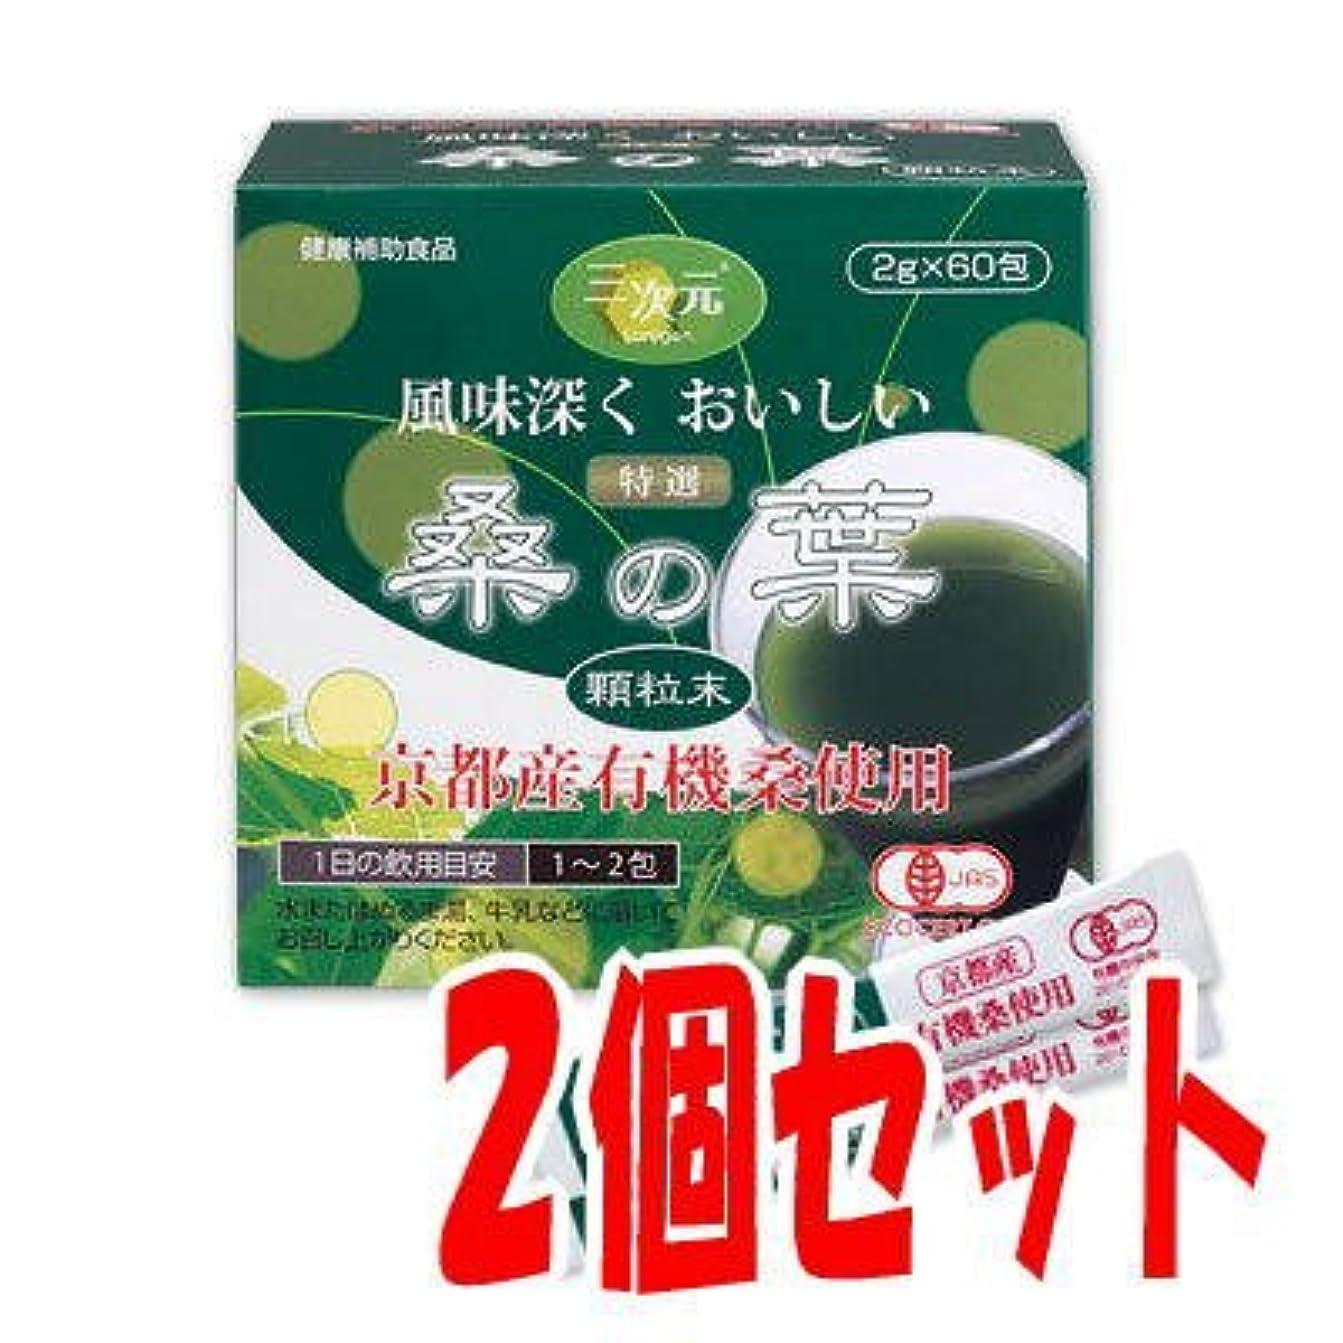 可能アスレチックビルダー特選「桑の葉」顆粒末1箱60包入×2箱セット 国産(京都産)有機桑使用 苦くなく風味深くおいしい青汁